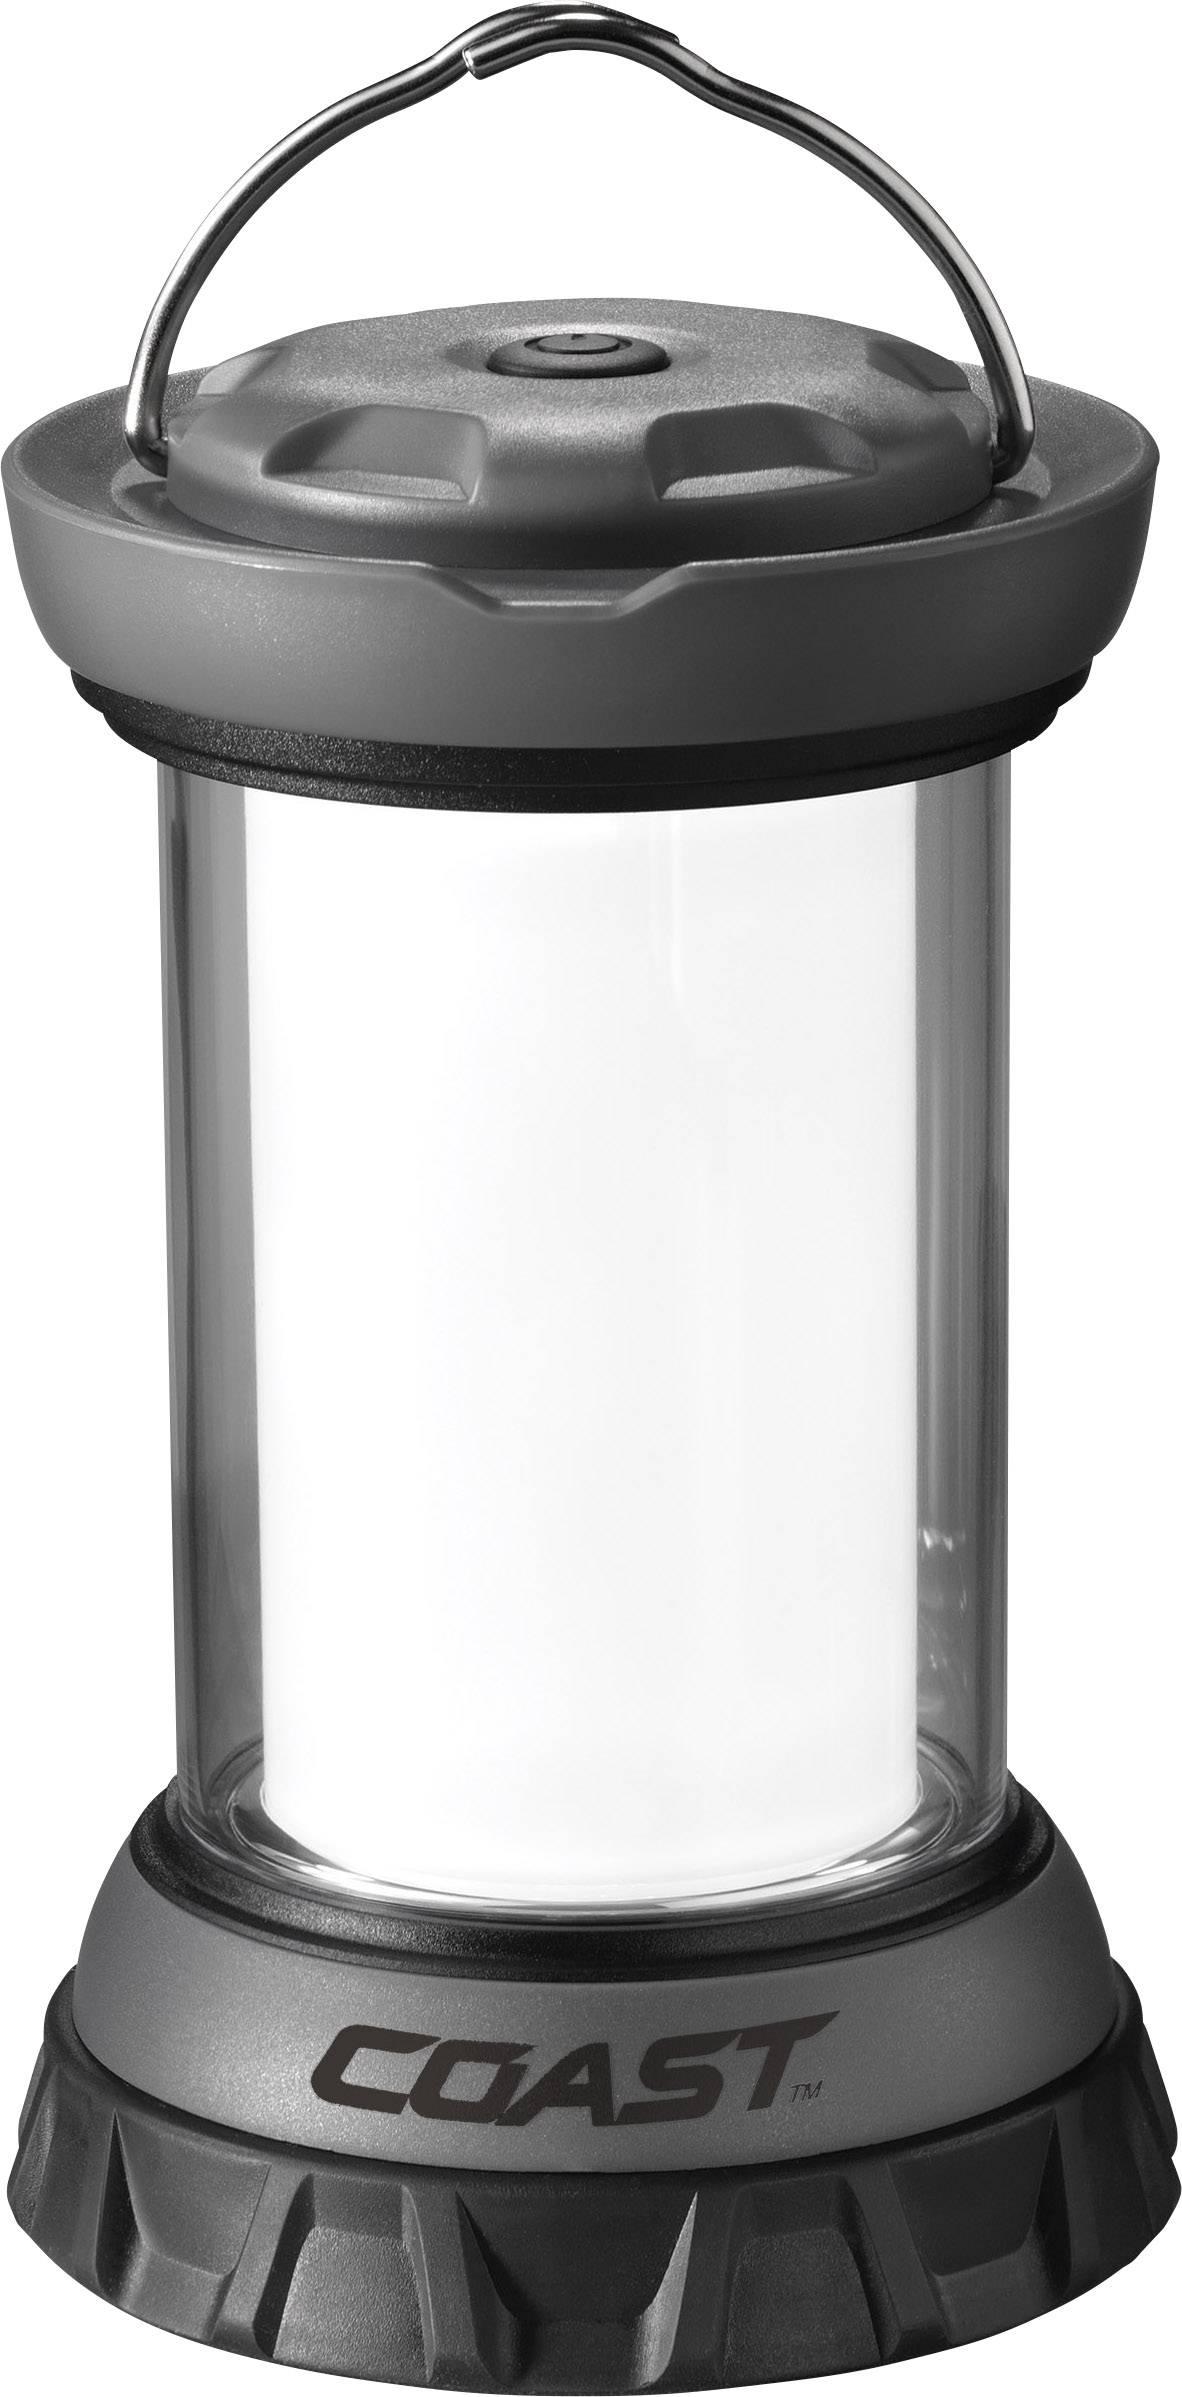 LED kempingová lucerna Coast EAL12 20374, 312 g, černostříbrná